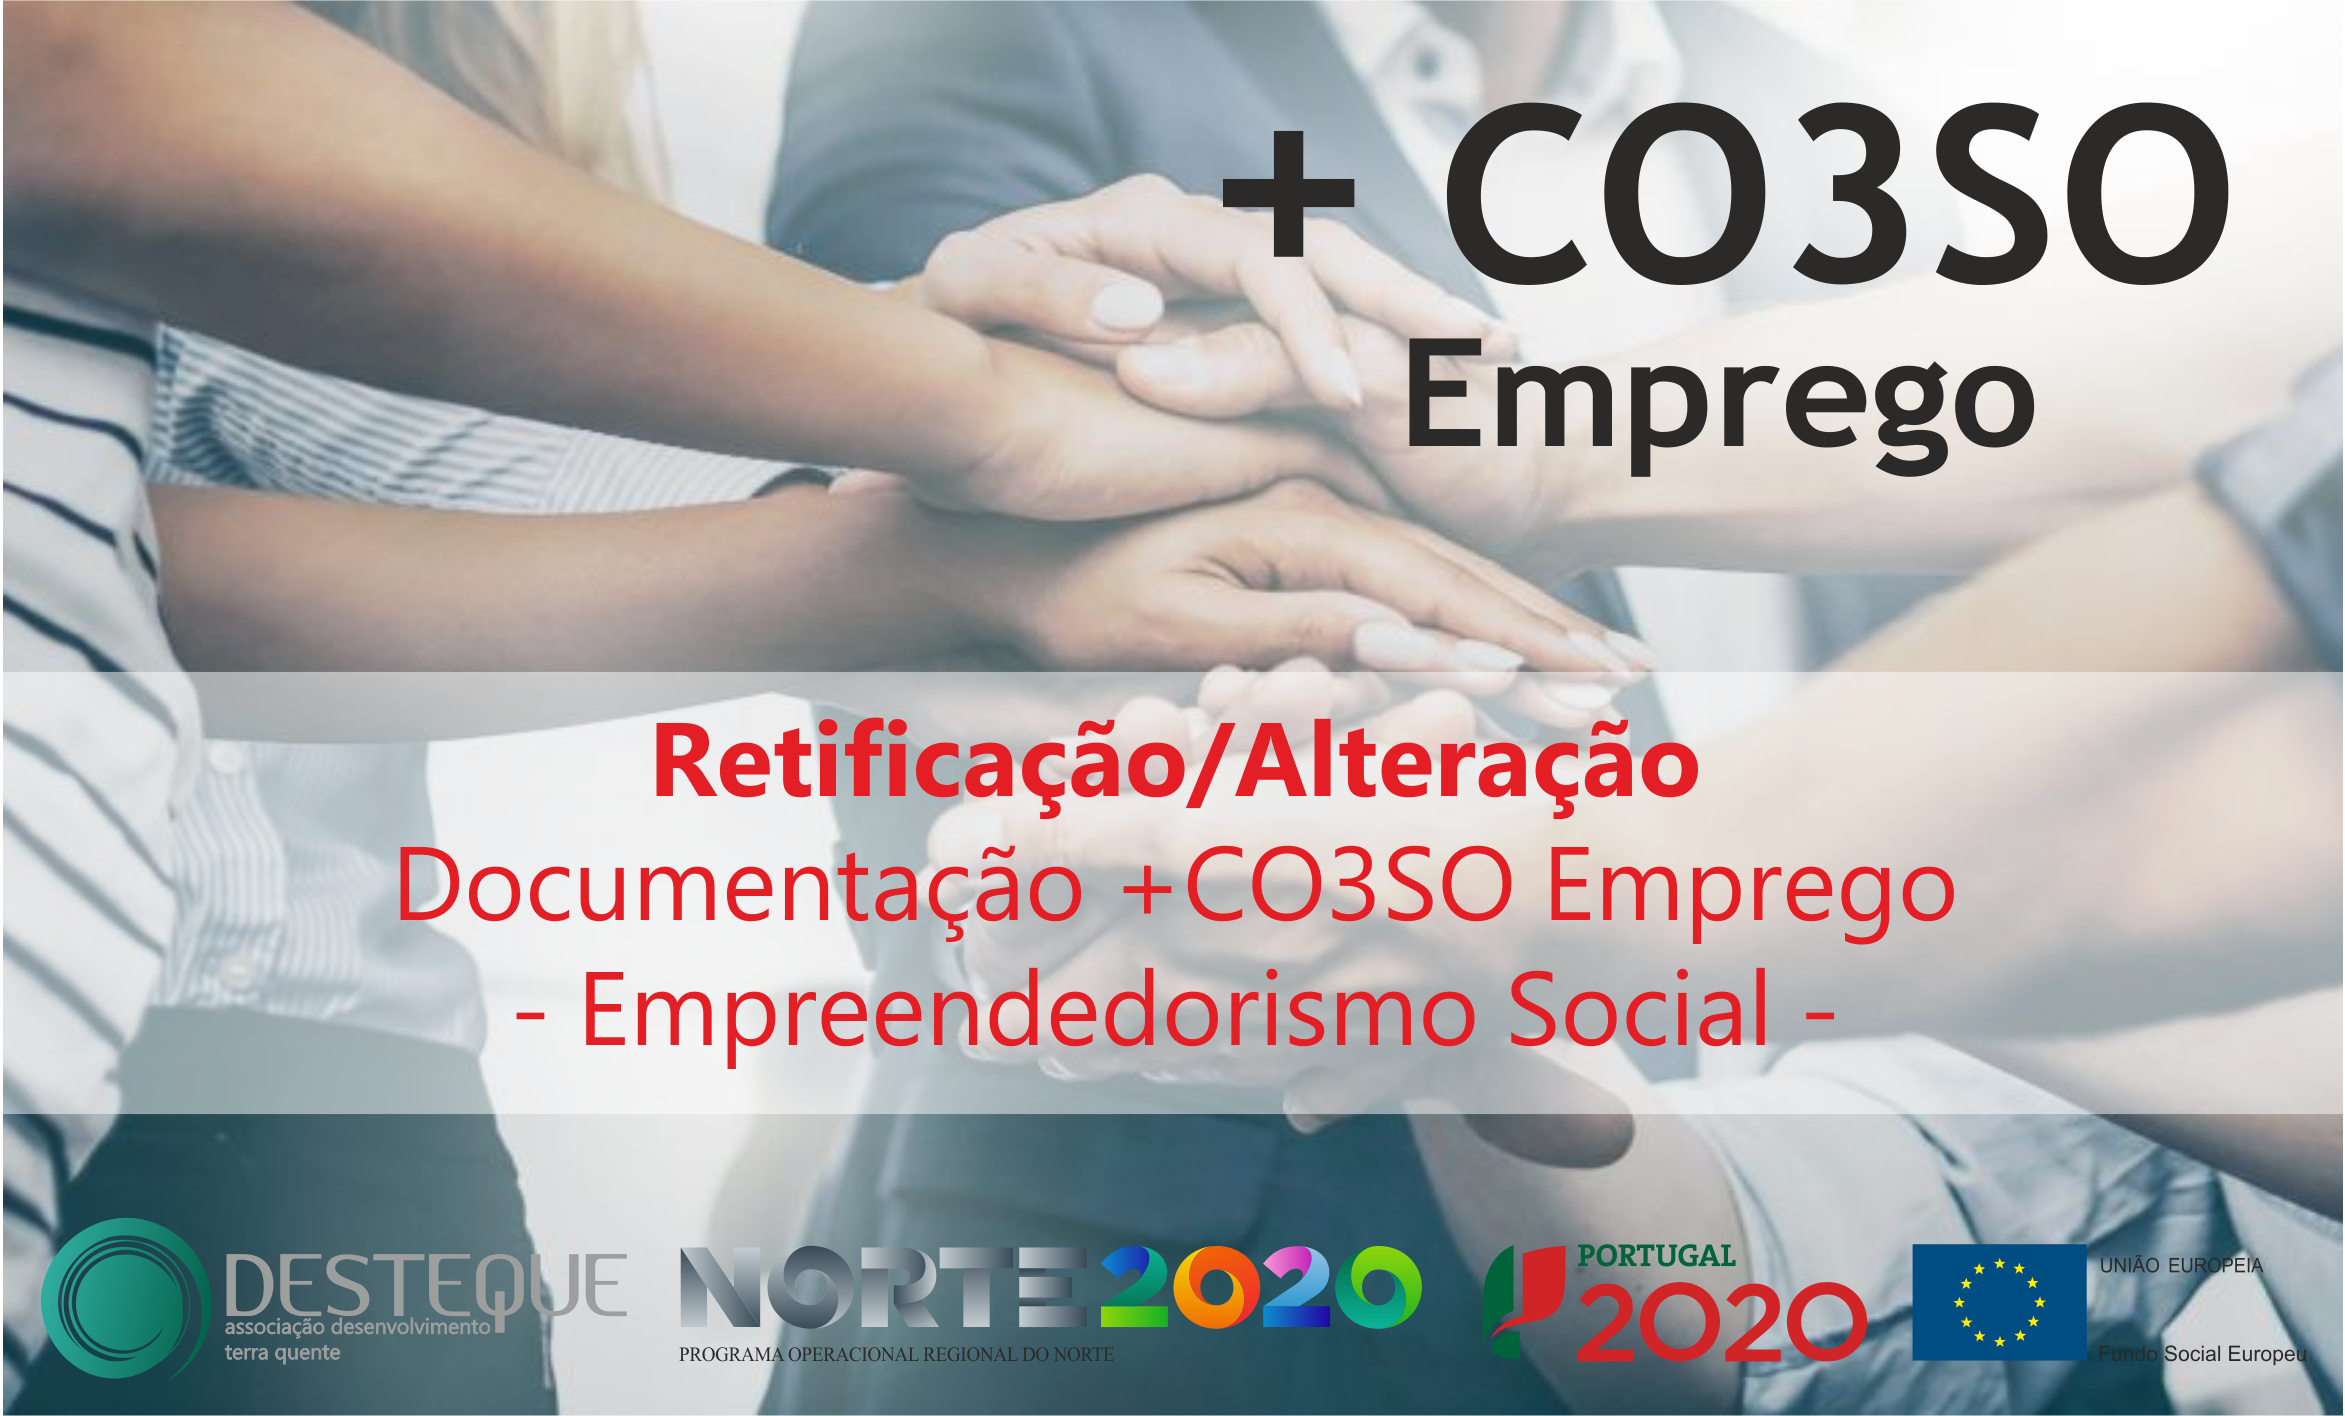 Retificação/Alteração Documentação +CO3SO Emprego – Empreendedorismo Social